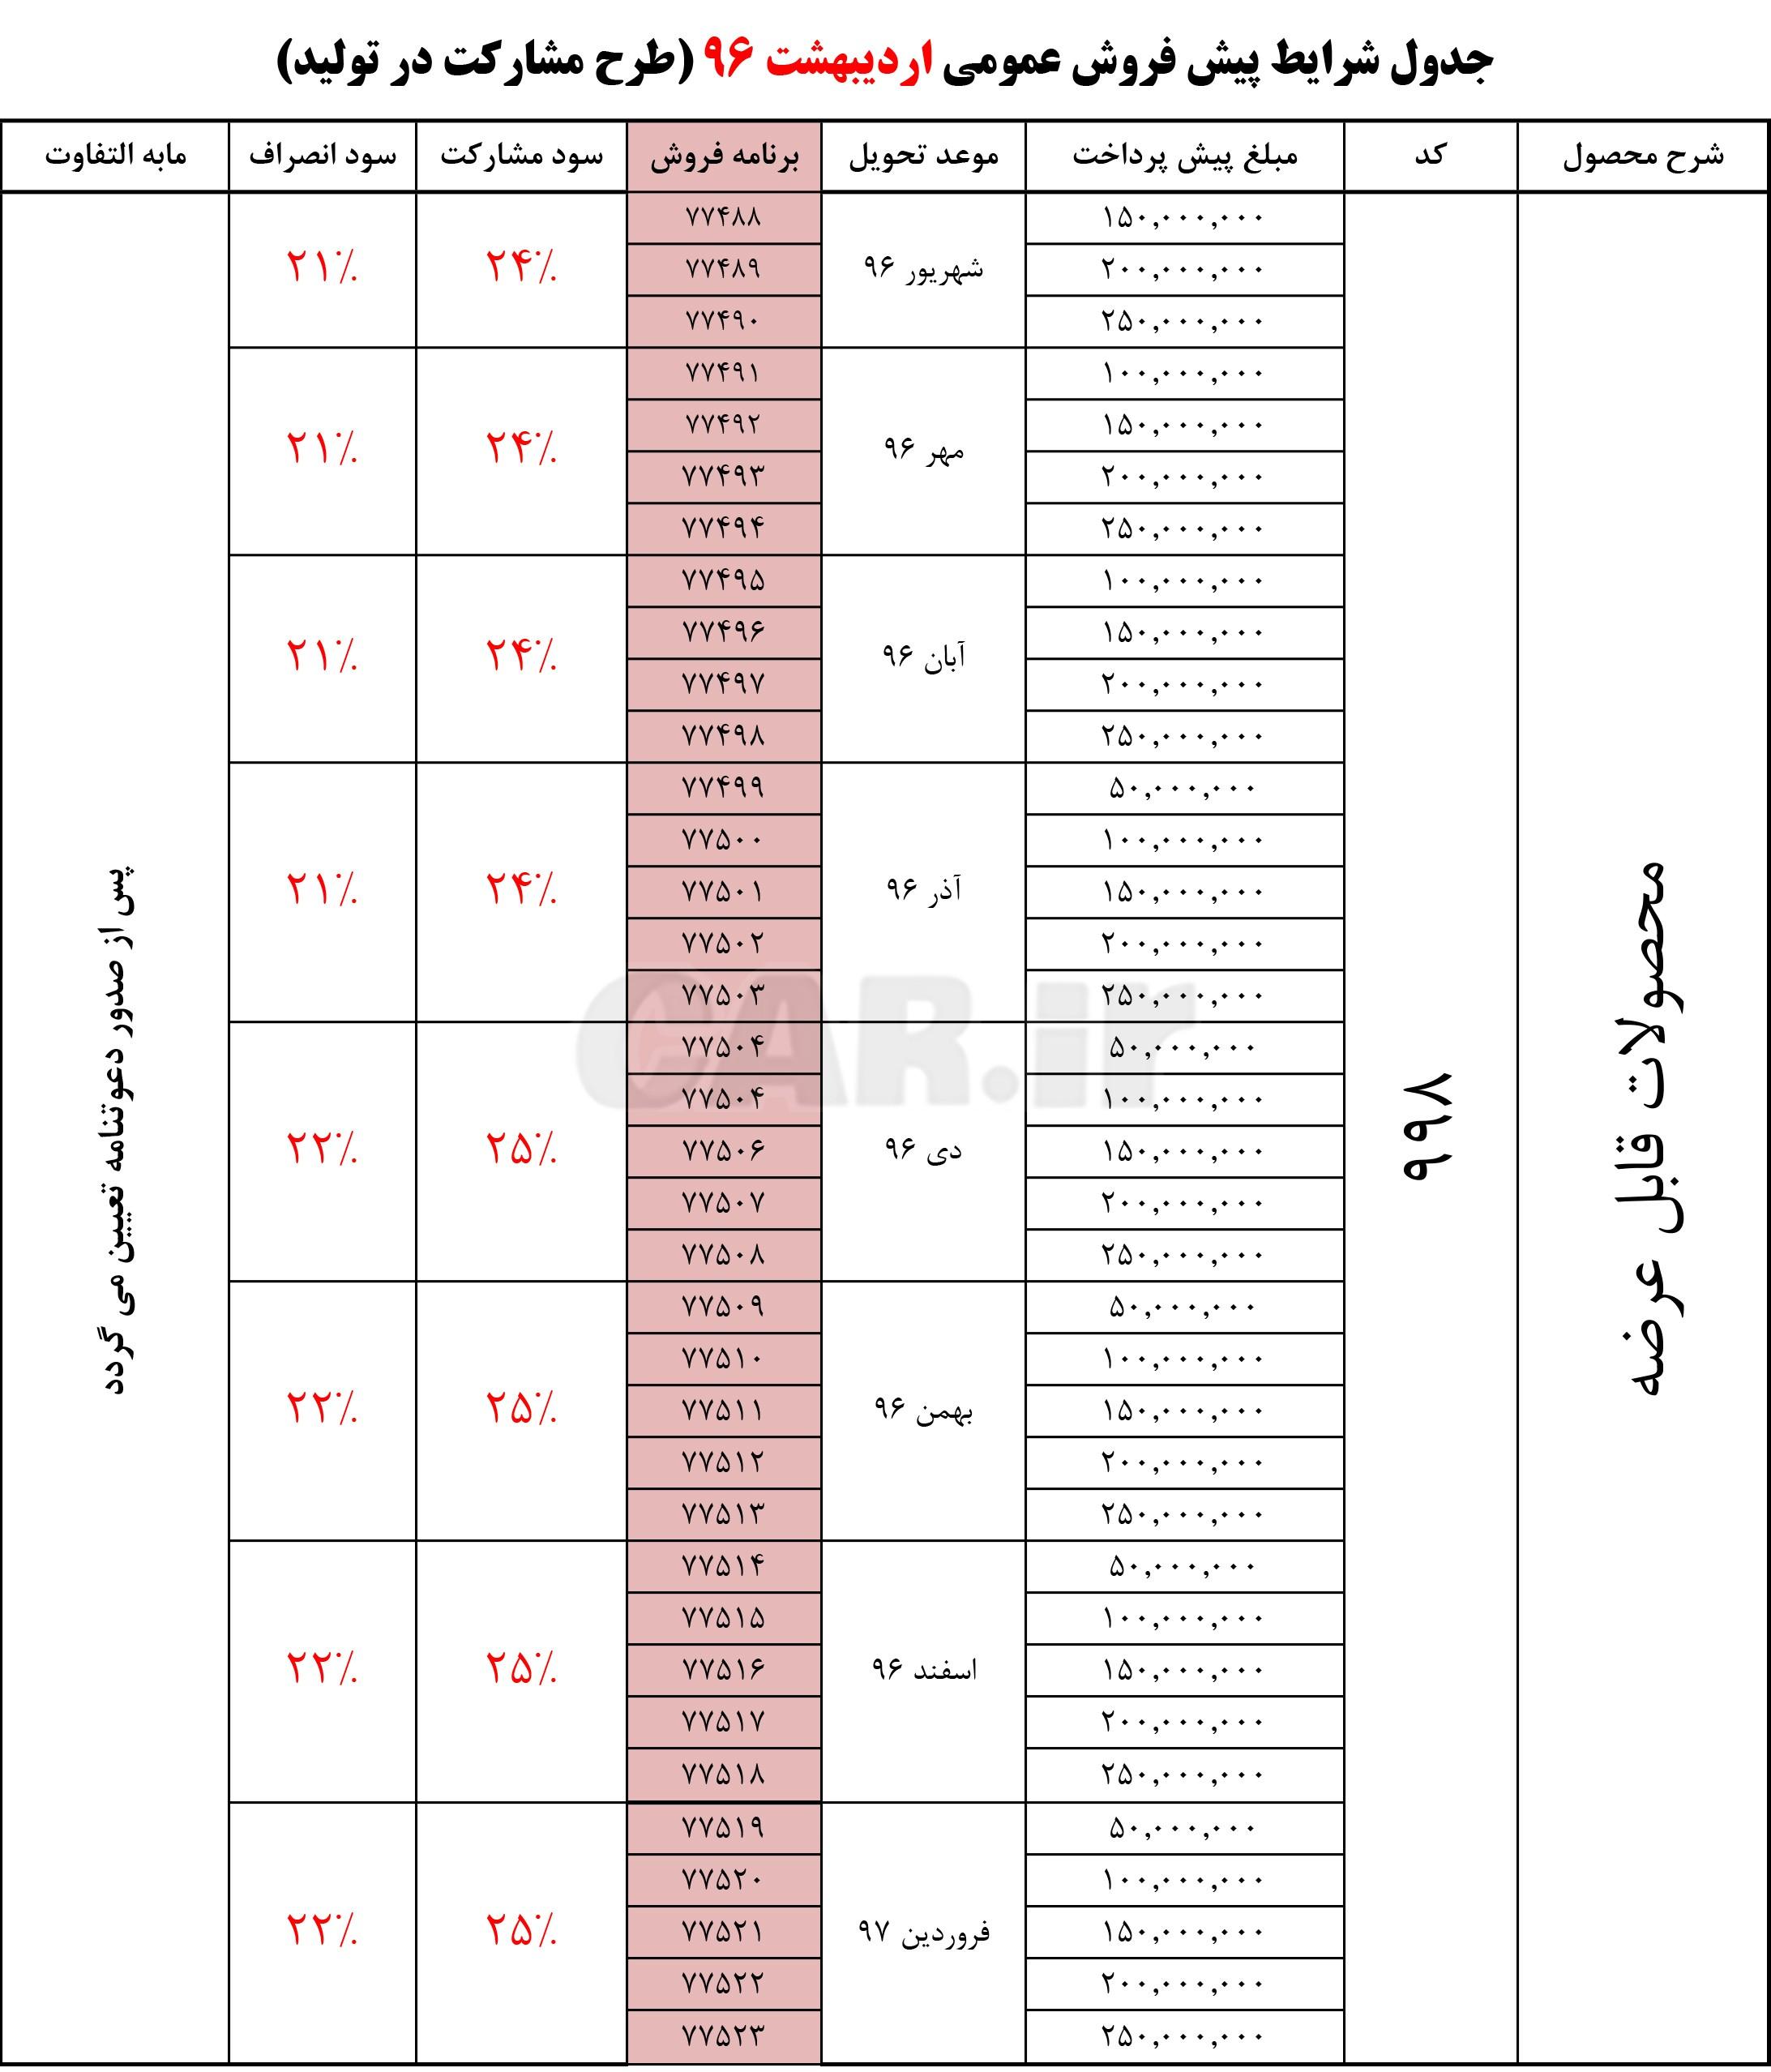 پیش فروش عمومی محصولات ایران خودرو با سود مشارکت 25 درصد